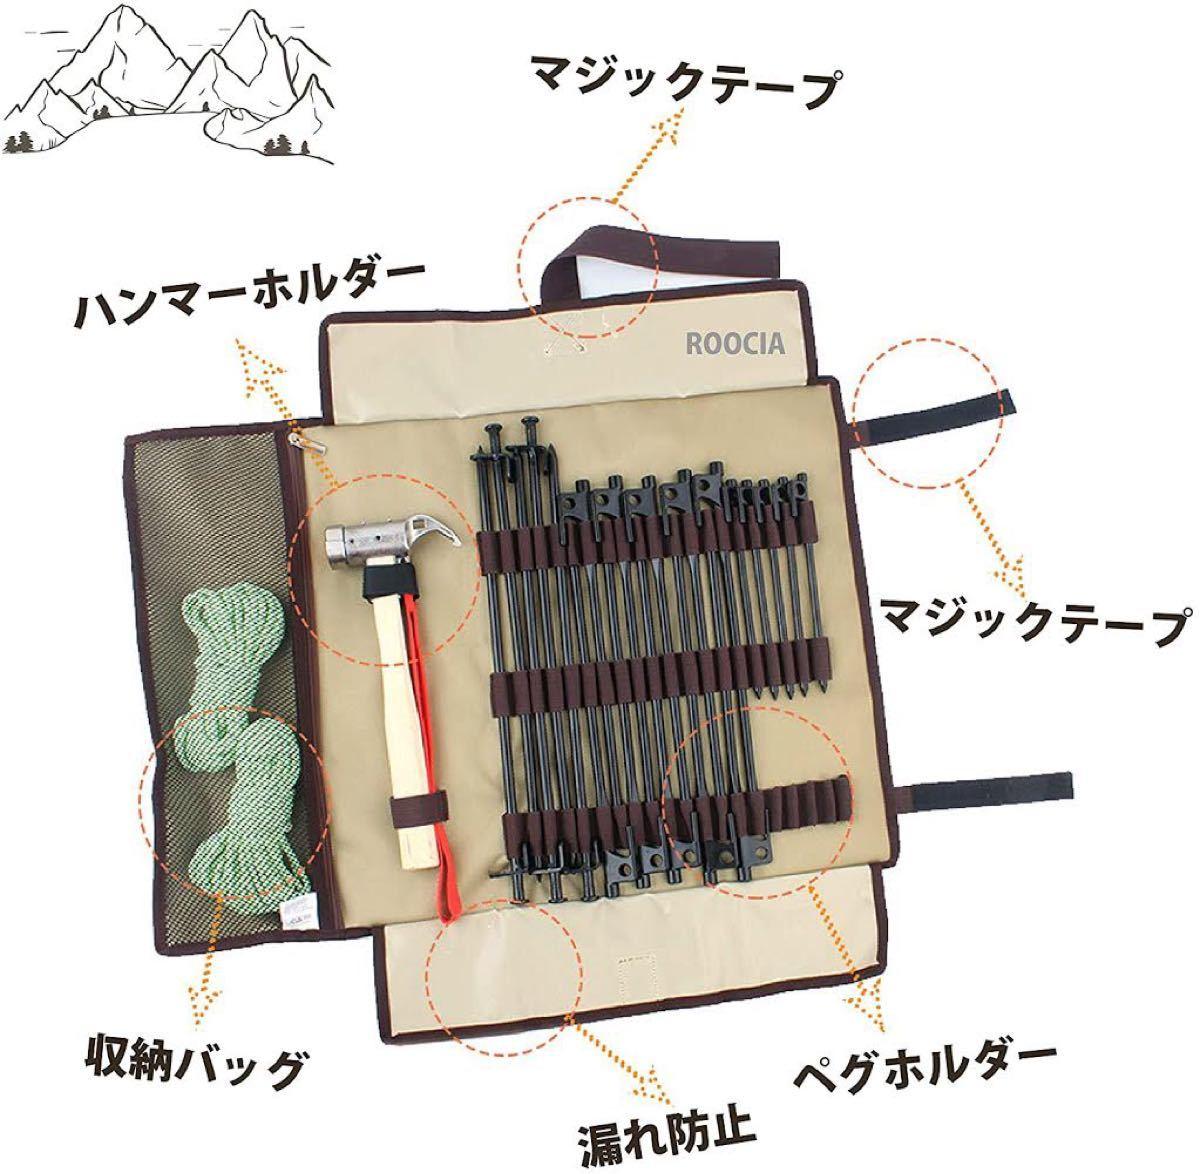 ペグケース ペグ ハンマー 収納 丈夫 バッグ テント設営 登山 キャンプ用 ソケット ツールセット 大工道具